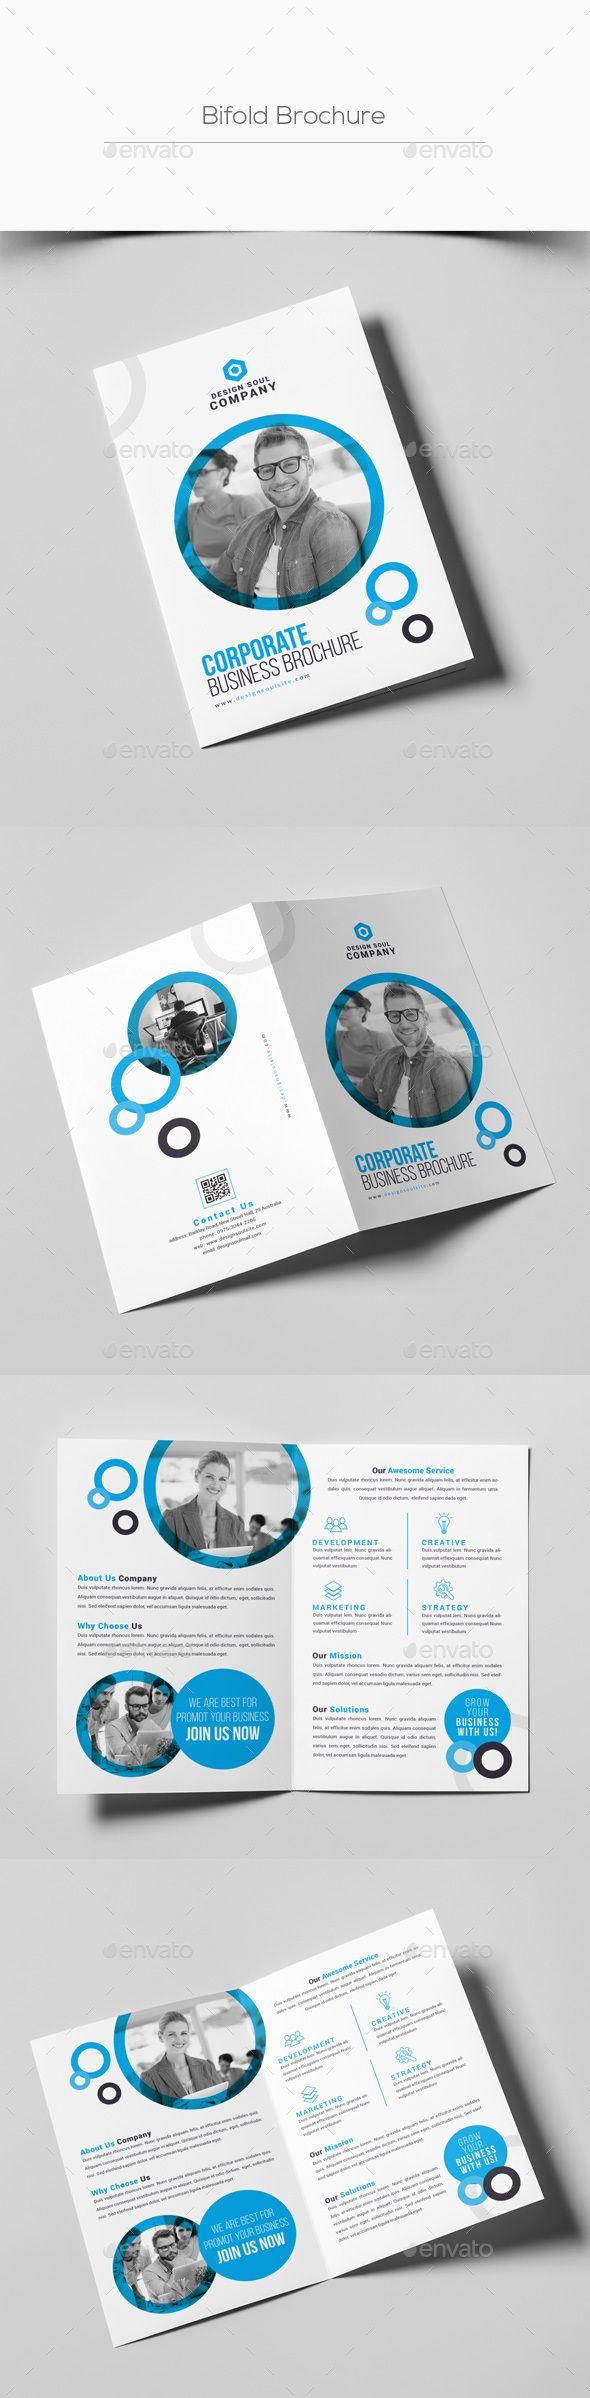 Bifold Brochure Pinterest Brochures Corporate Brochure And